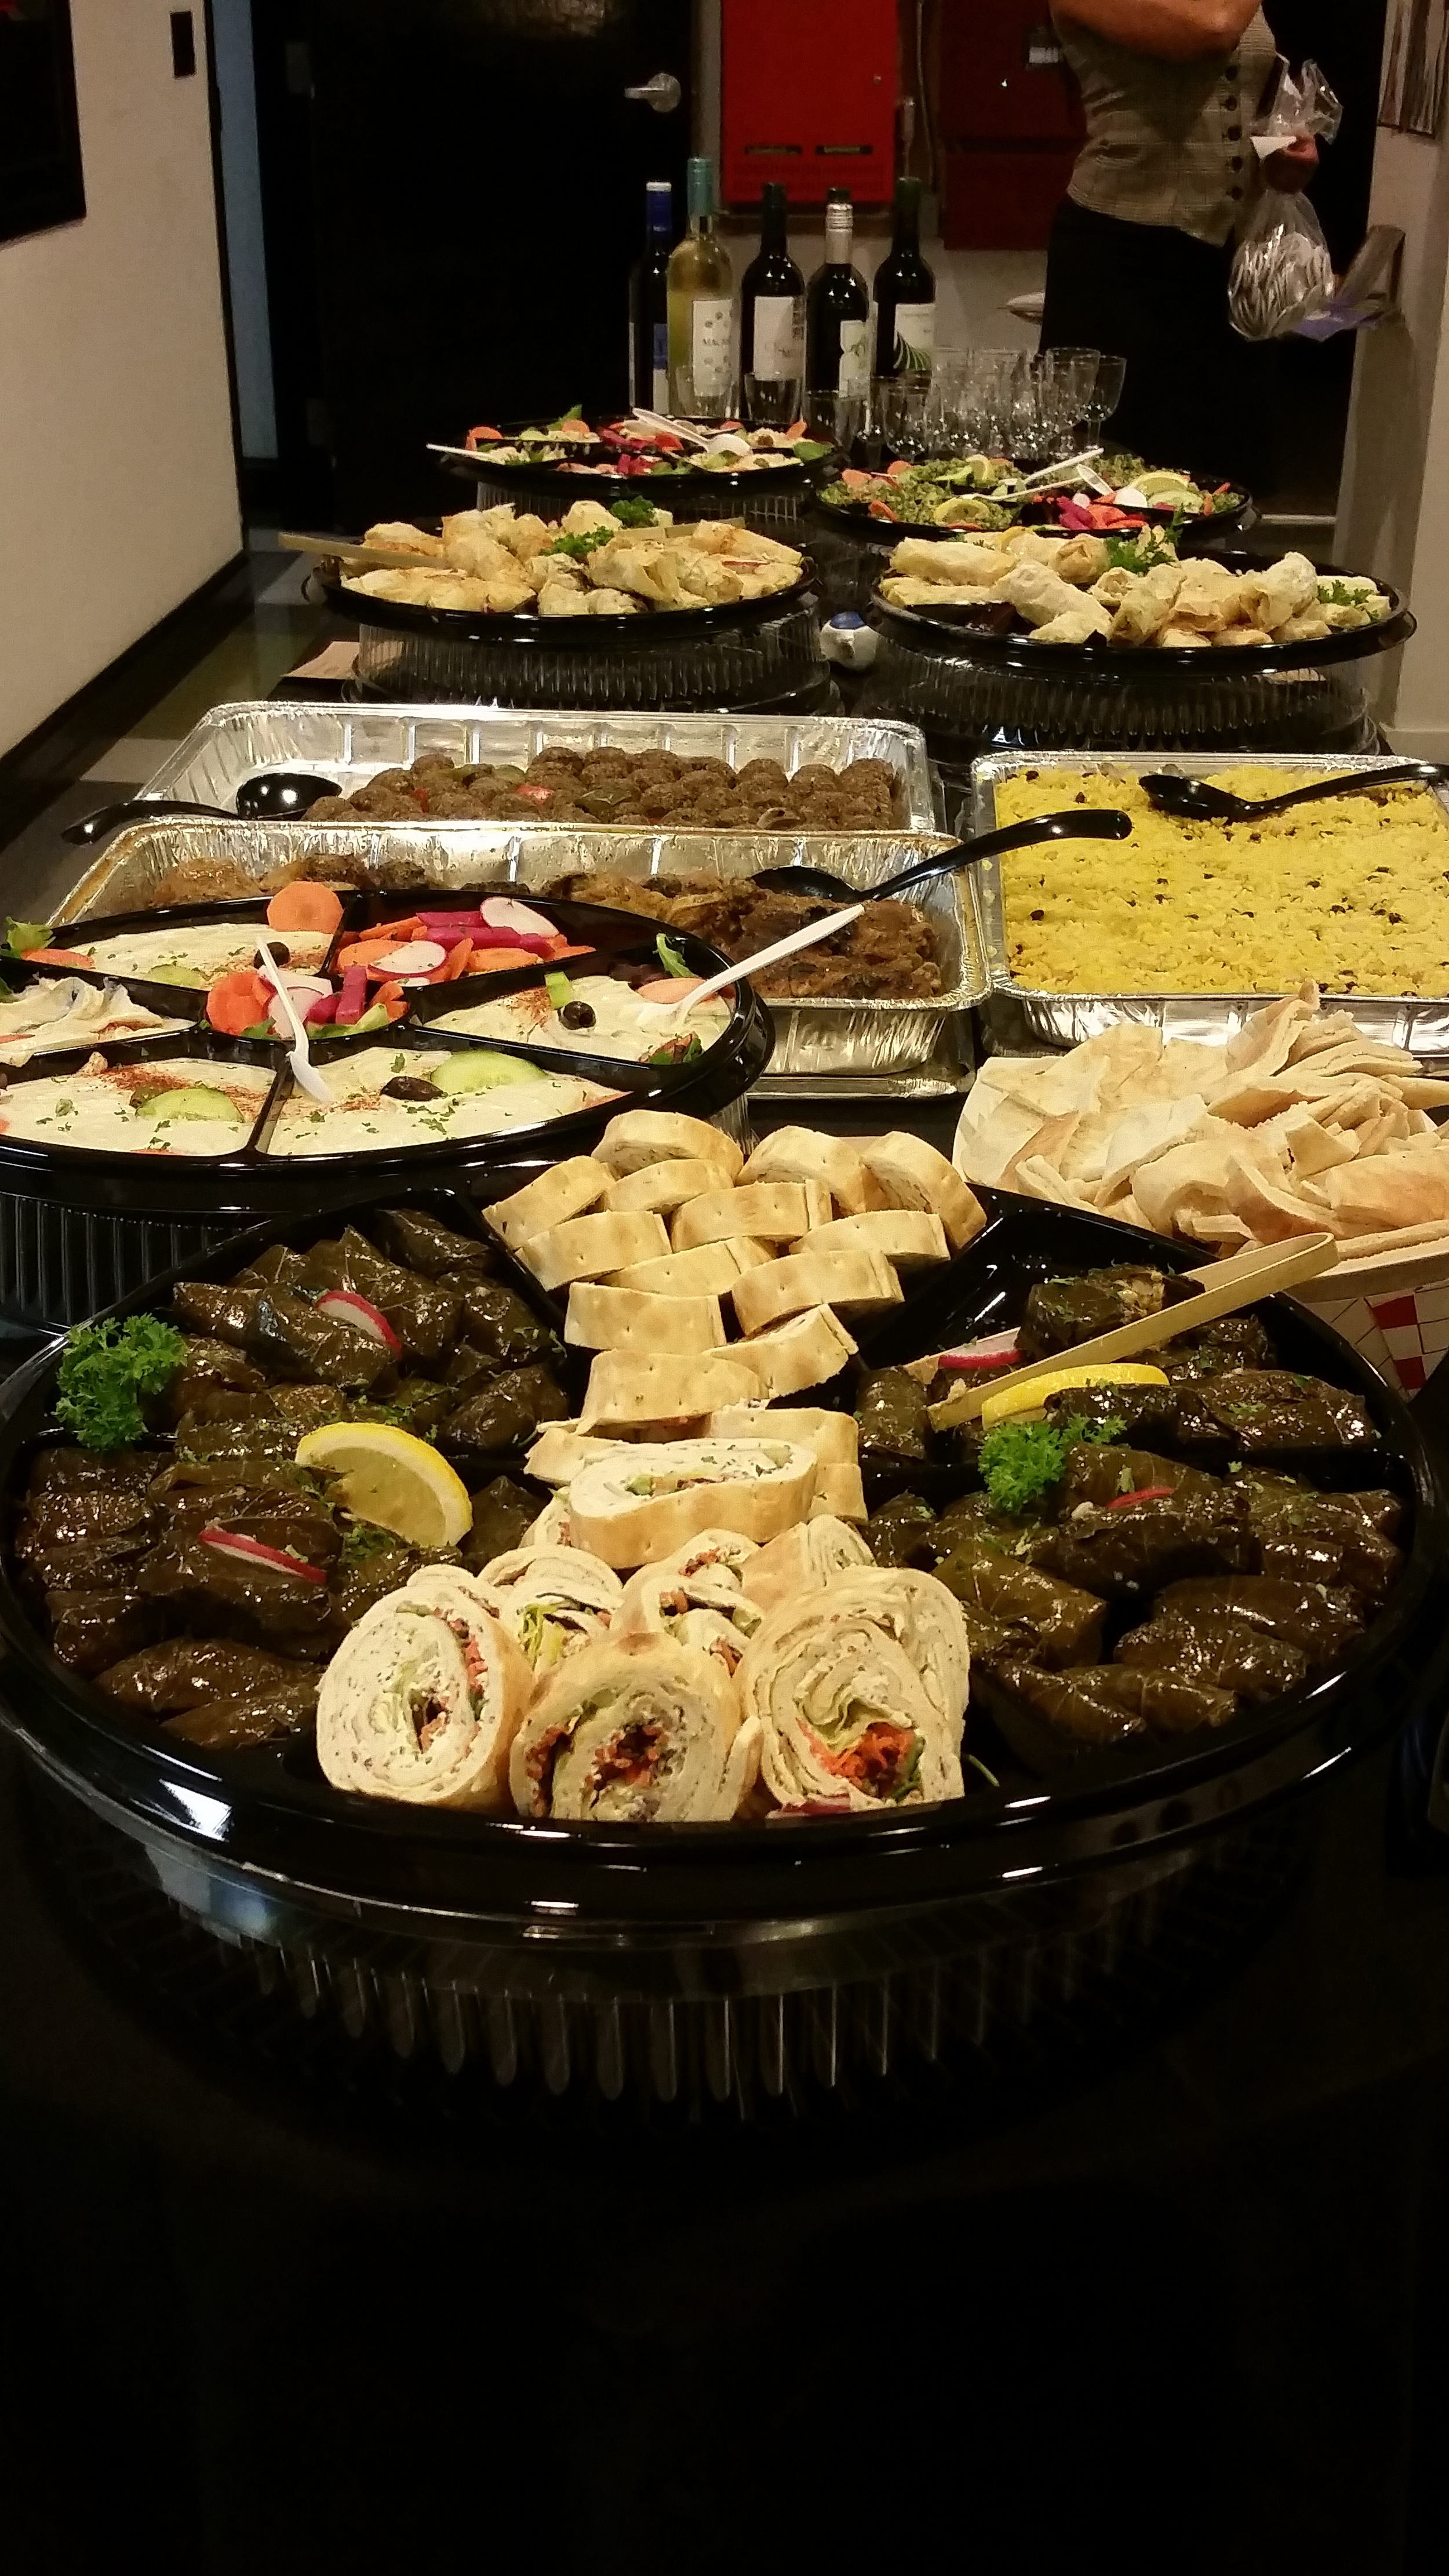 Delicious spread. Thank you, CalCPA!